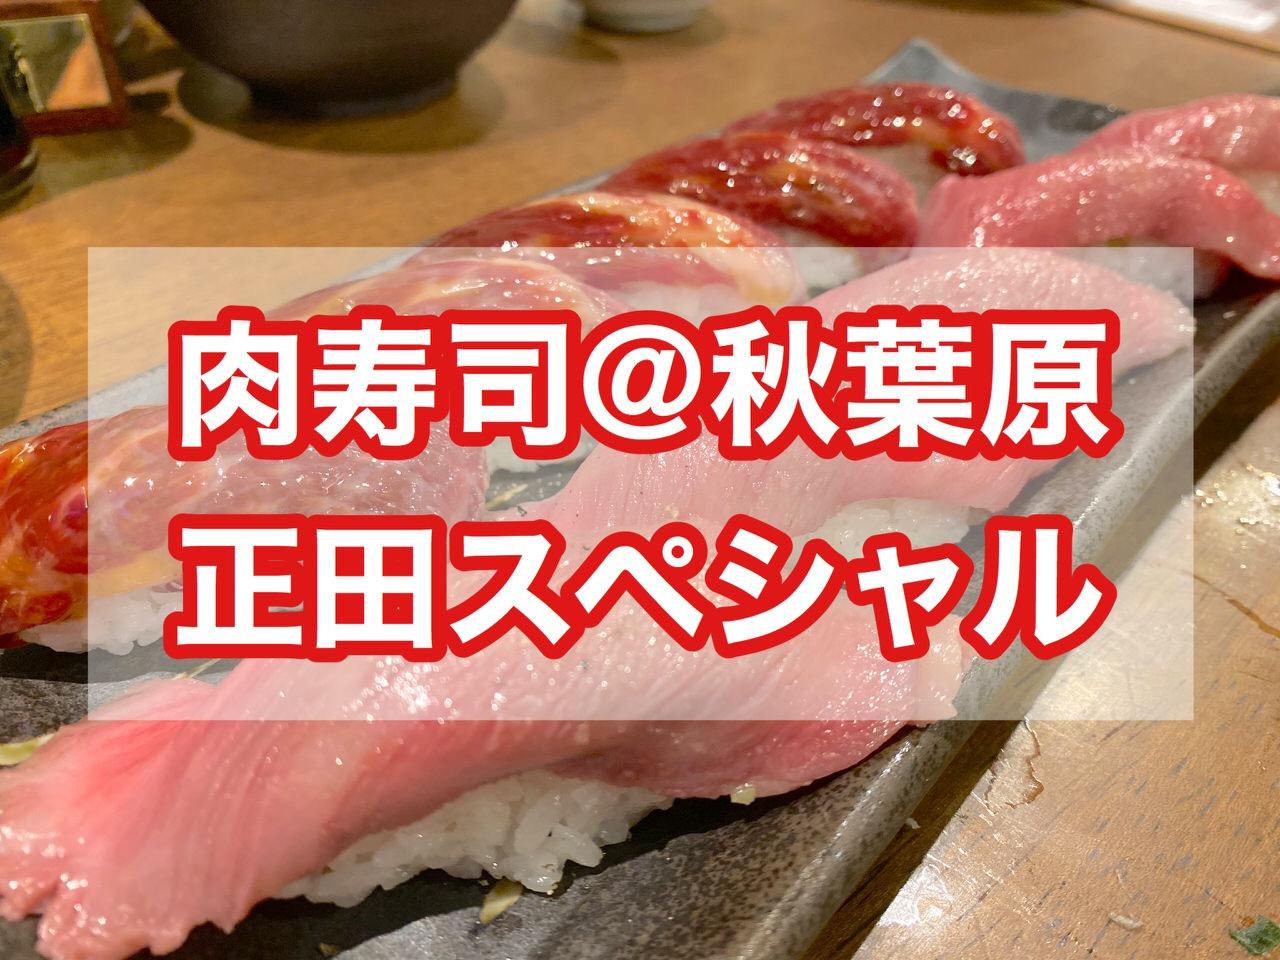 「秋葉原 肉寿司」大トロ・馬イクラ雲丹・フォアグラ軍艦!ほぼ肉しか出てこない裏メニュー正田スペシャル